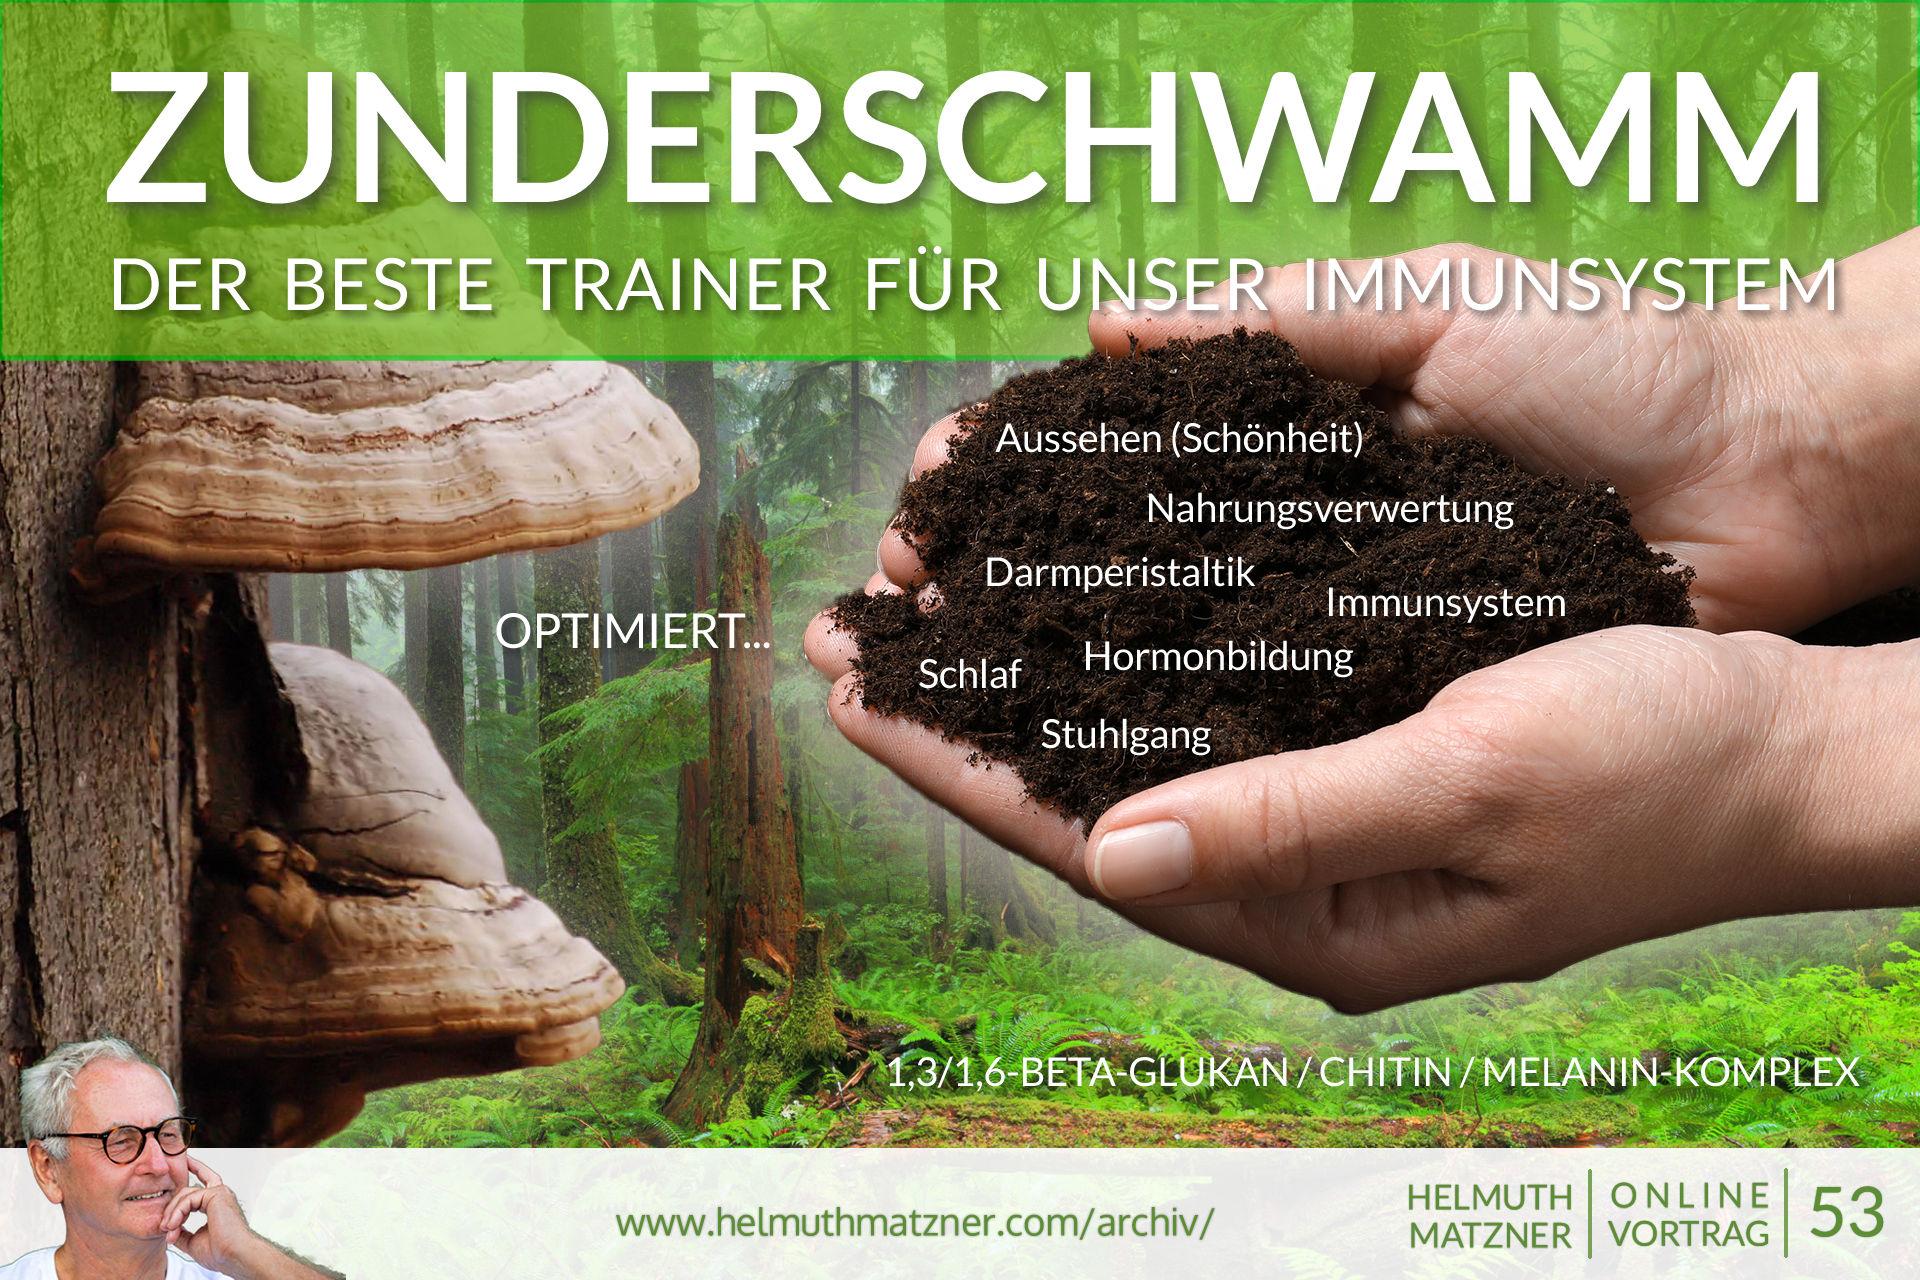 Helmuth Matzner - Online-Vortrag 53 - Zunderschwamm - Archiv v05B